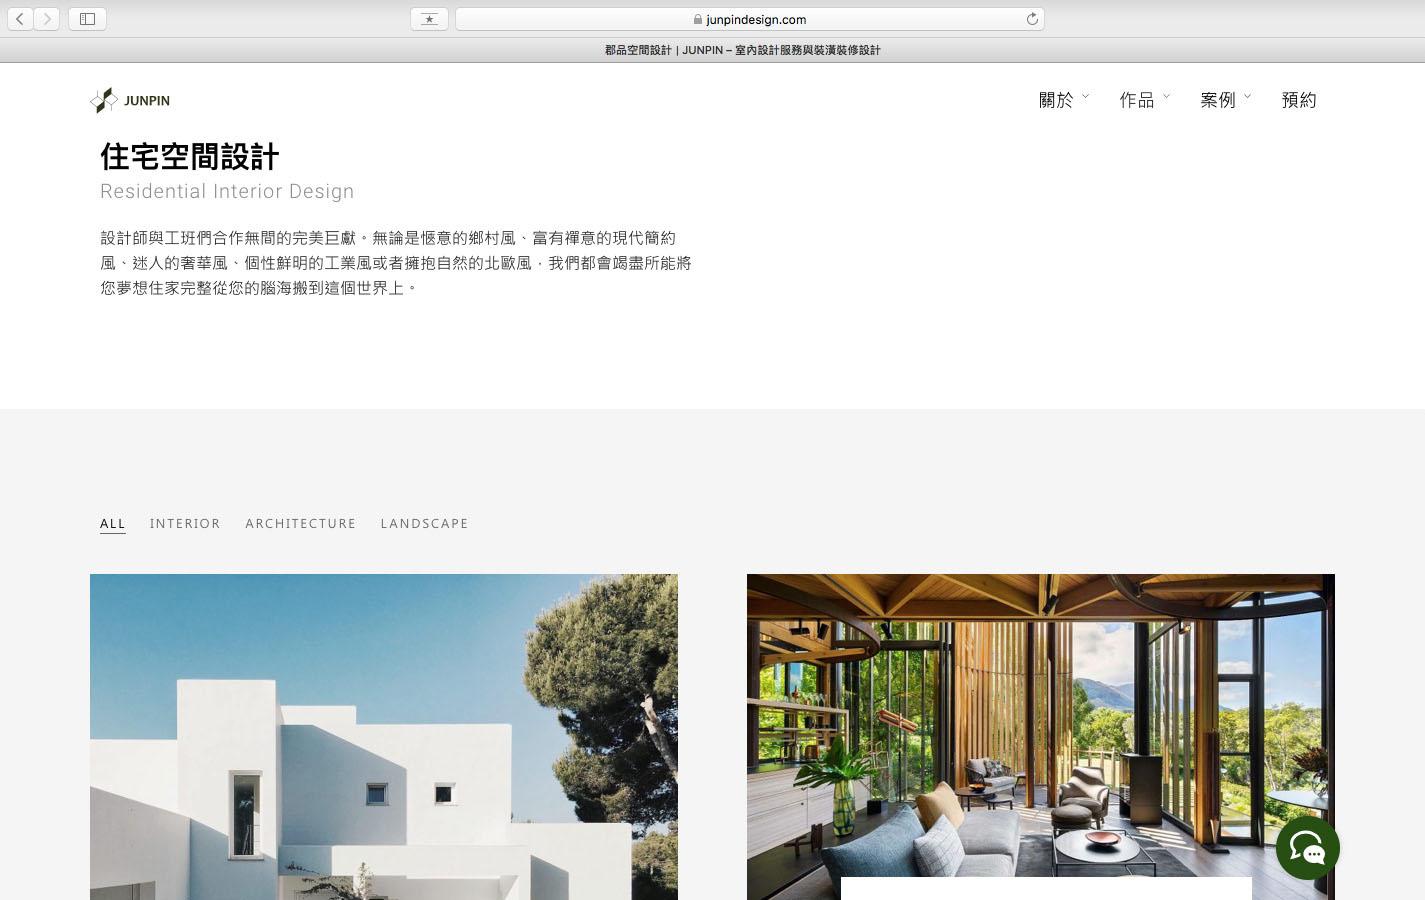 室内设计网站范例,网页设计作品,网页设计,公司,junpin,郡品,室内设计,空间设计,网页设计,网页设计推荐,形象网页设计